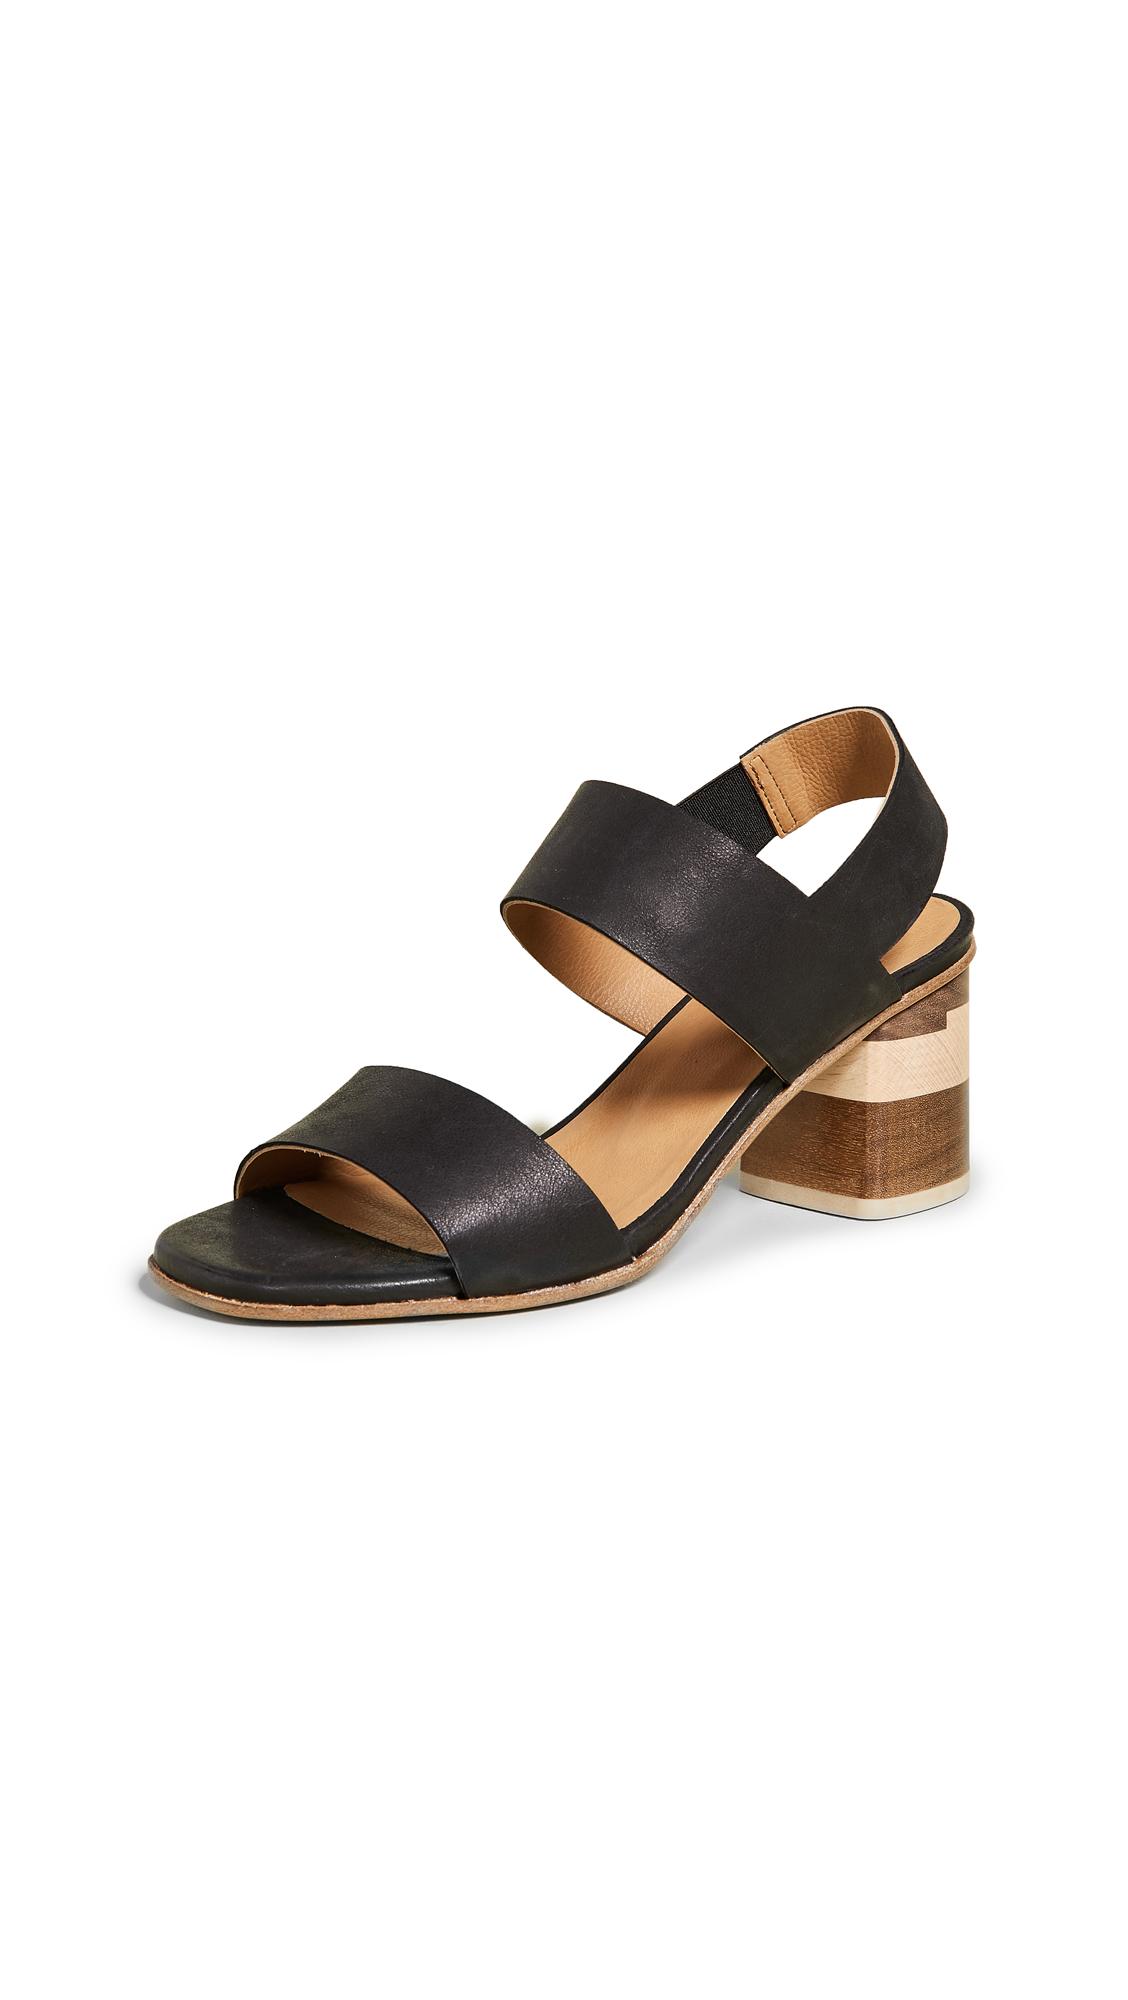 Coclico Shoes Bask Tri Color Sandals - Talco Black